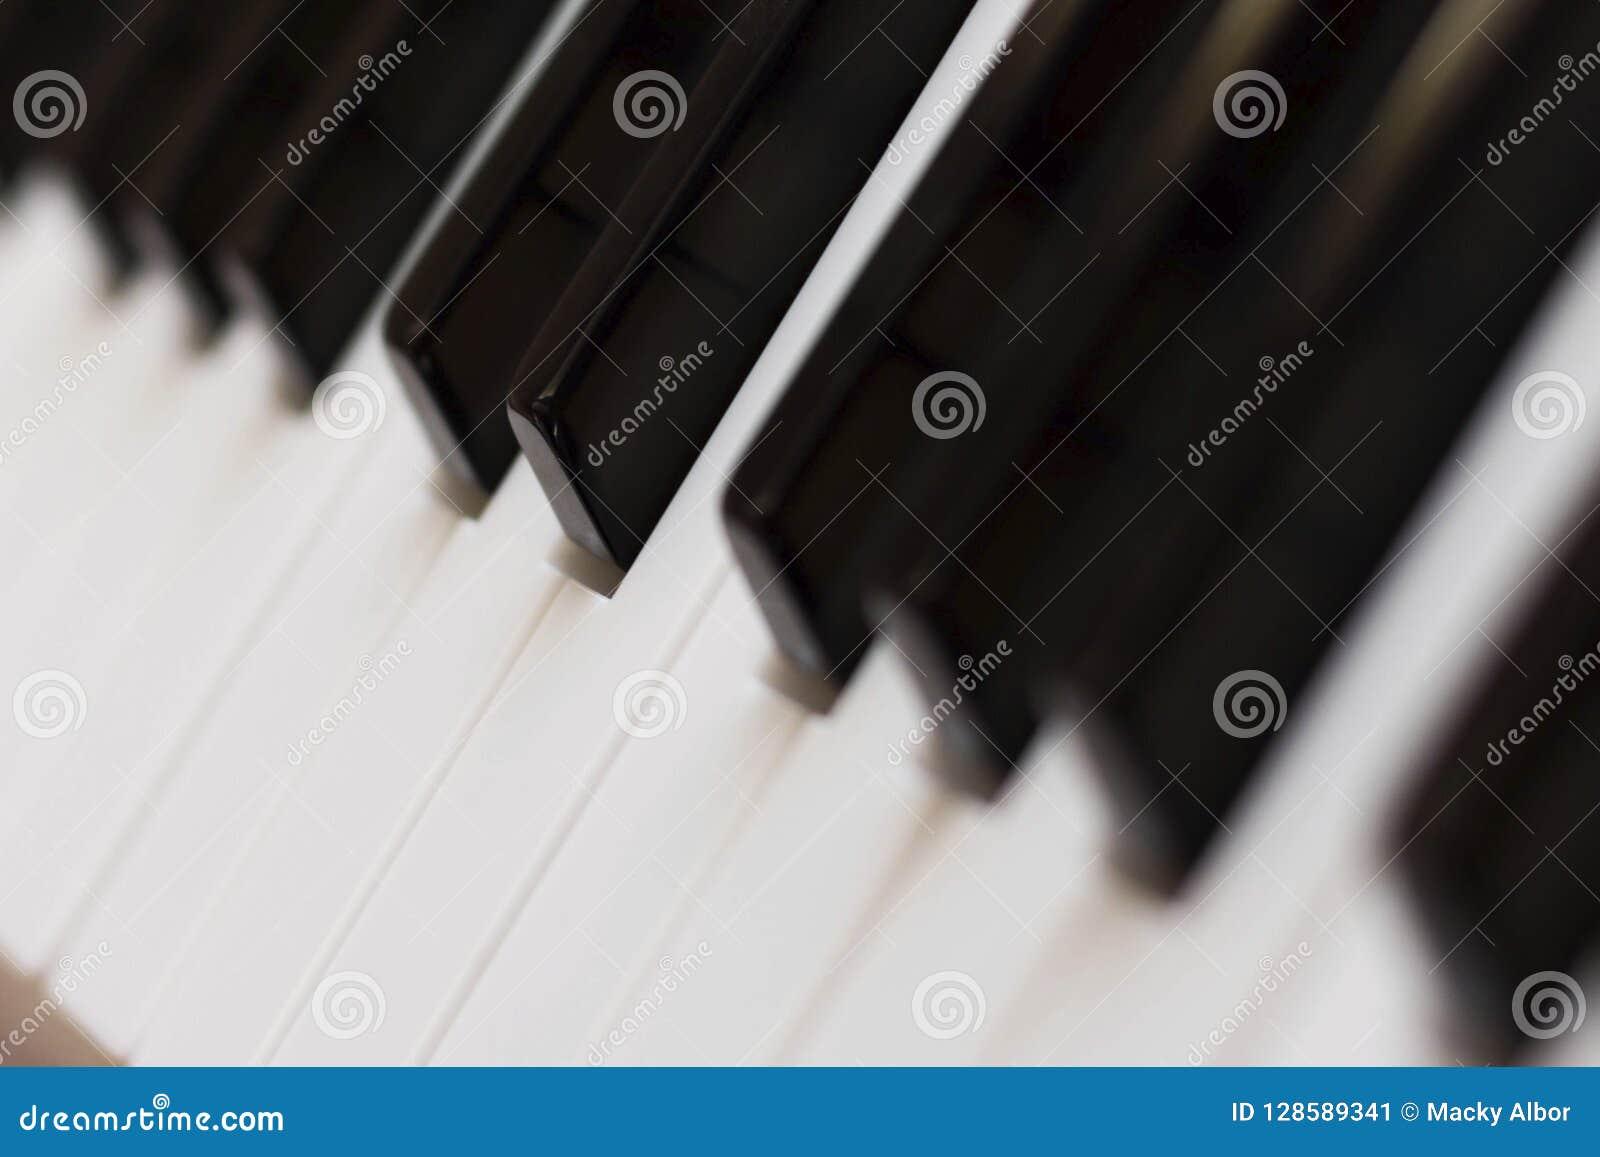 Posición inclinable de las llaves de teclado de piano